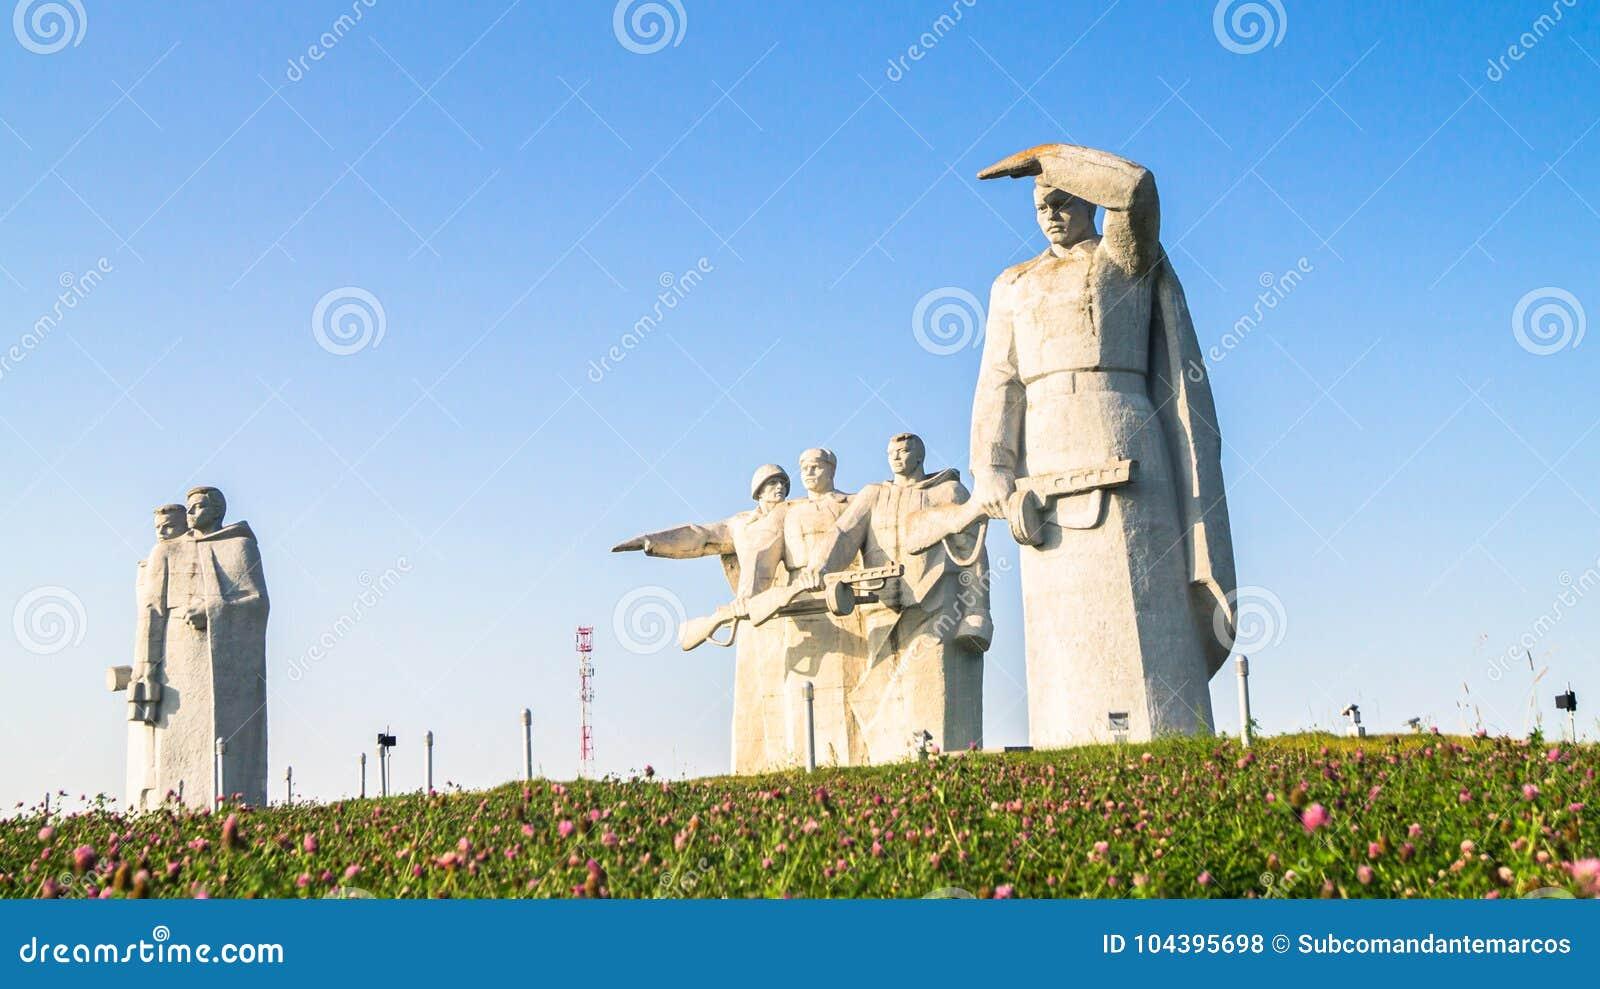 Το μνημείο των λαμπρών ηρώων του τμήματος Panfilov, νικημένοι φασίστες στη Μόσχα μάχεται, Dubosekovo, περιοχή της Μόσχας, της Ρωσ